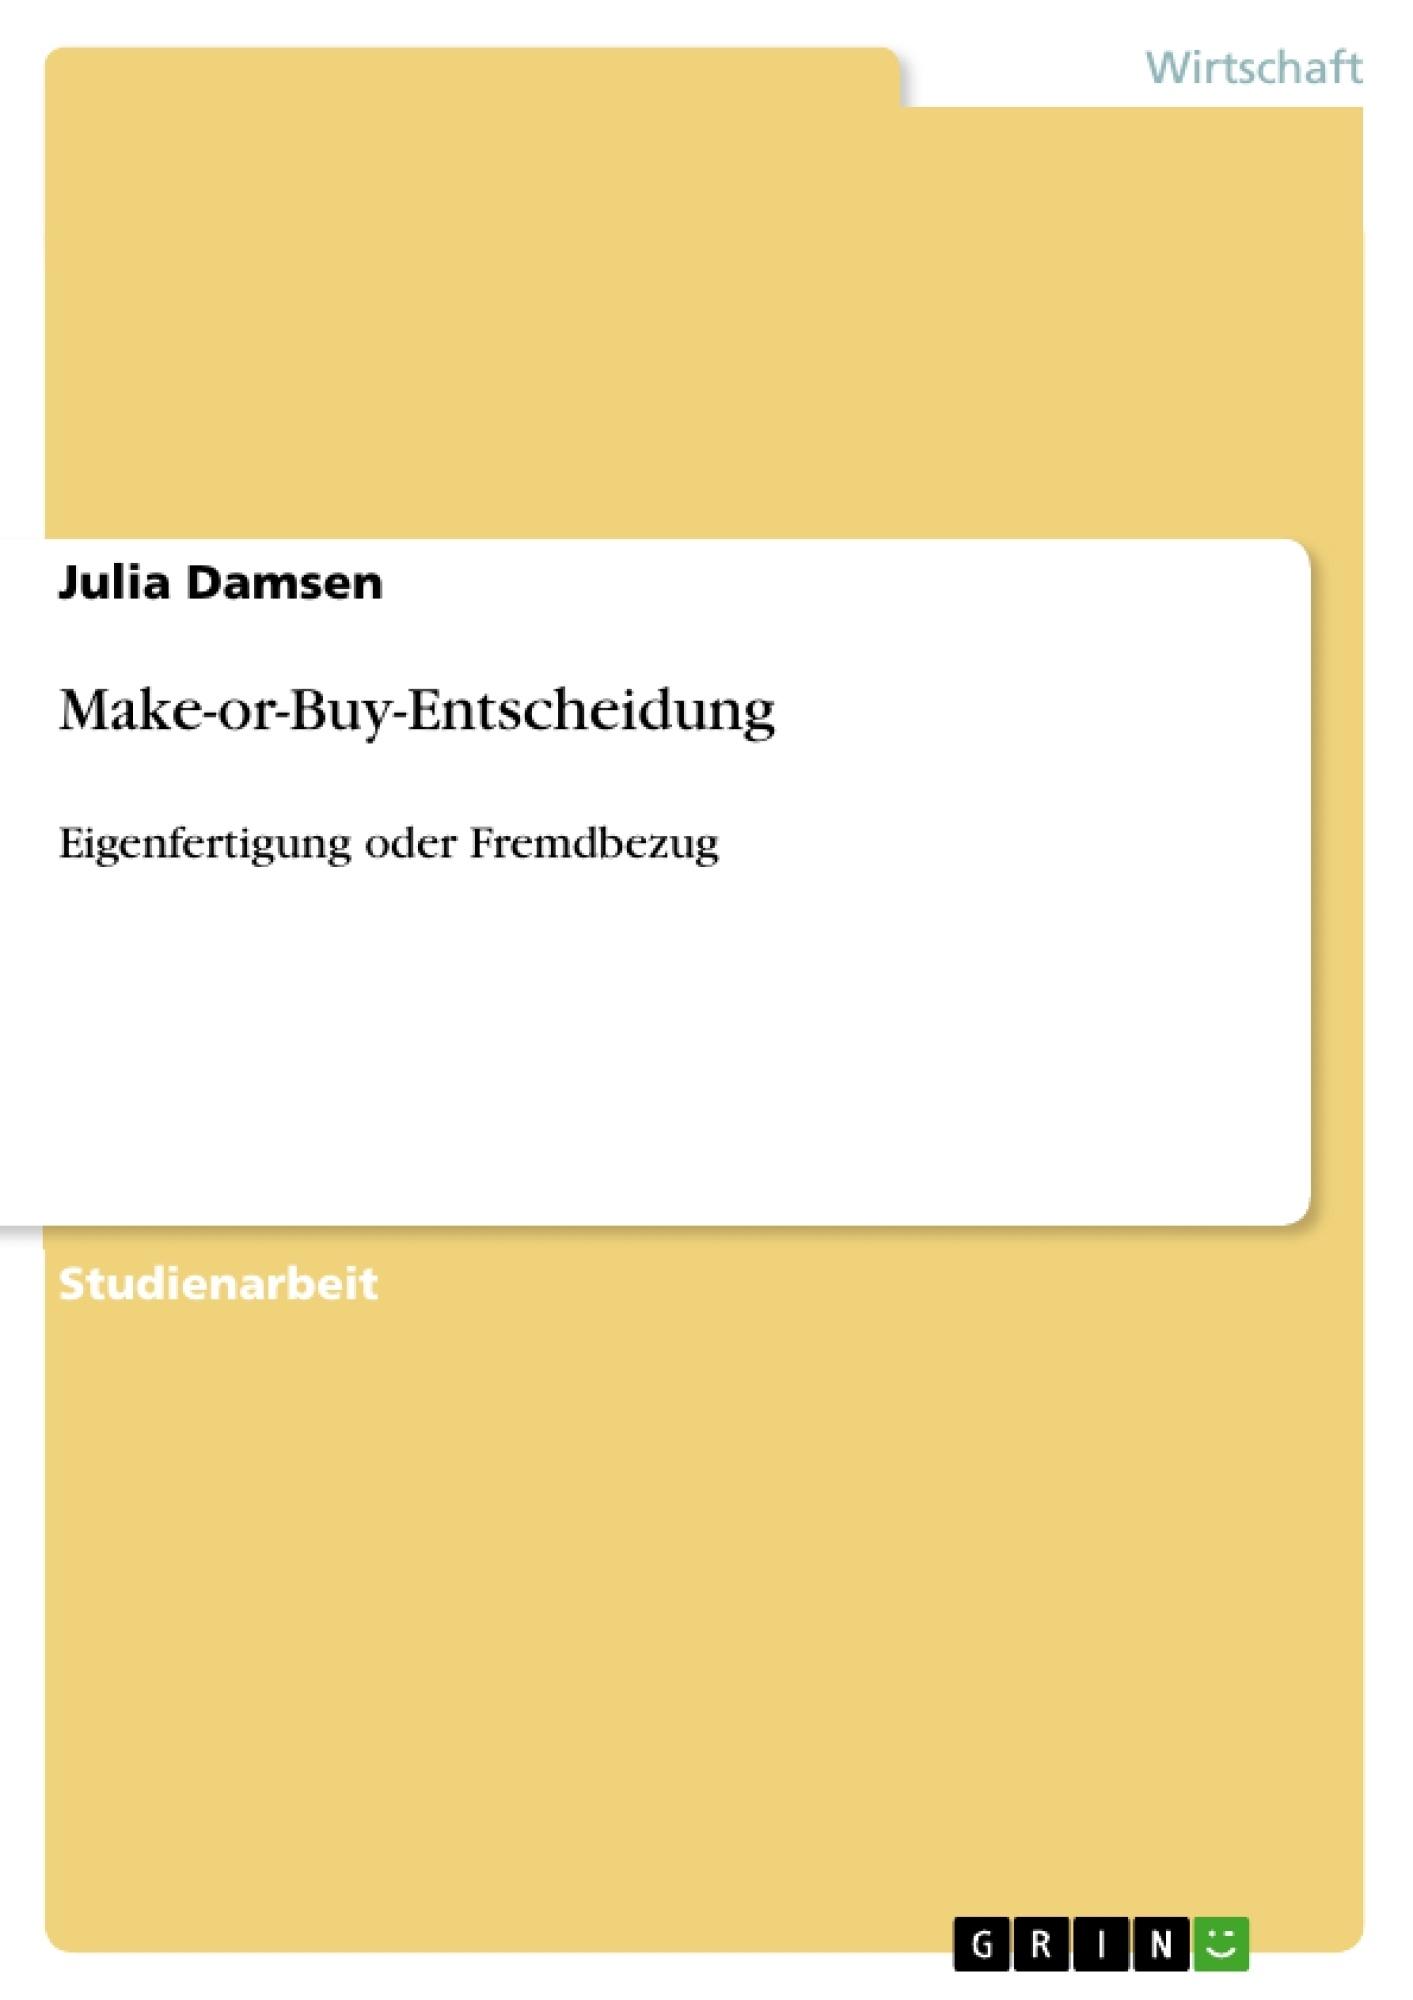 Titel: Make-or-Buy-Entscheidung